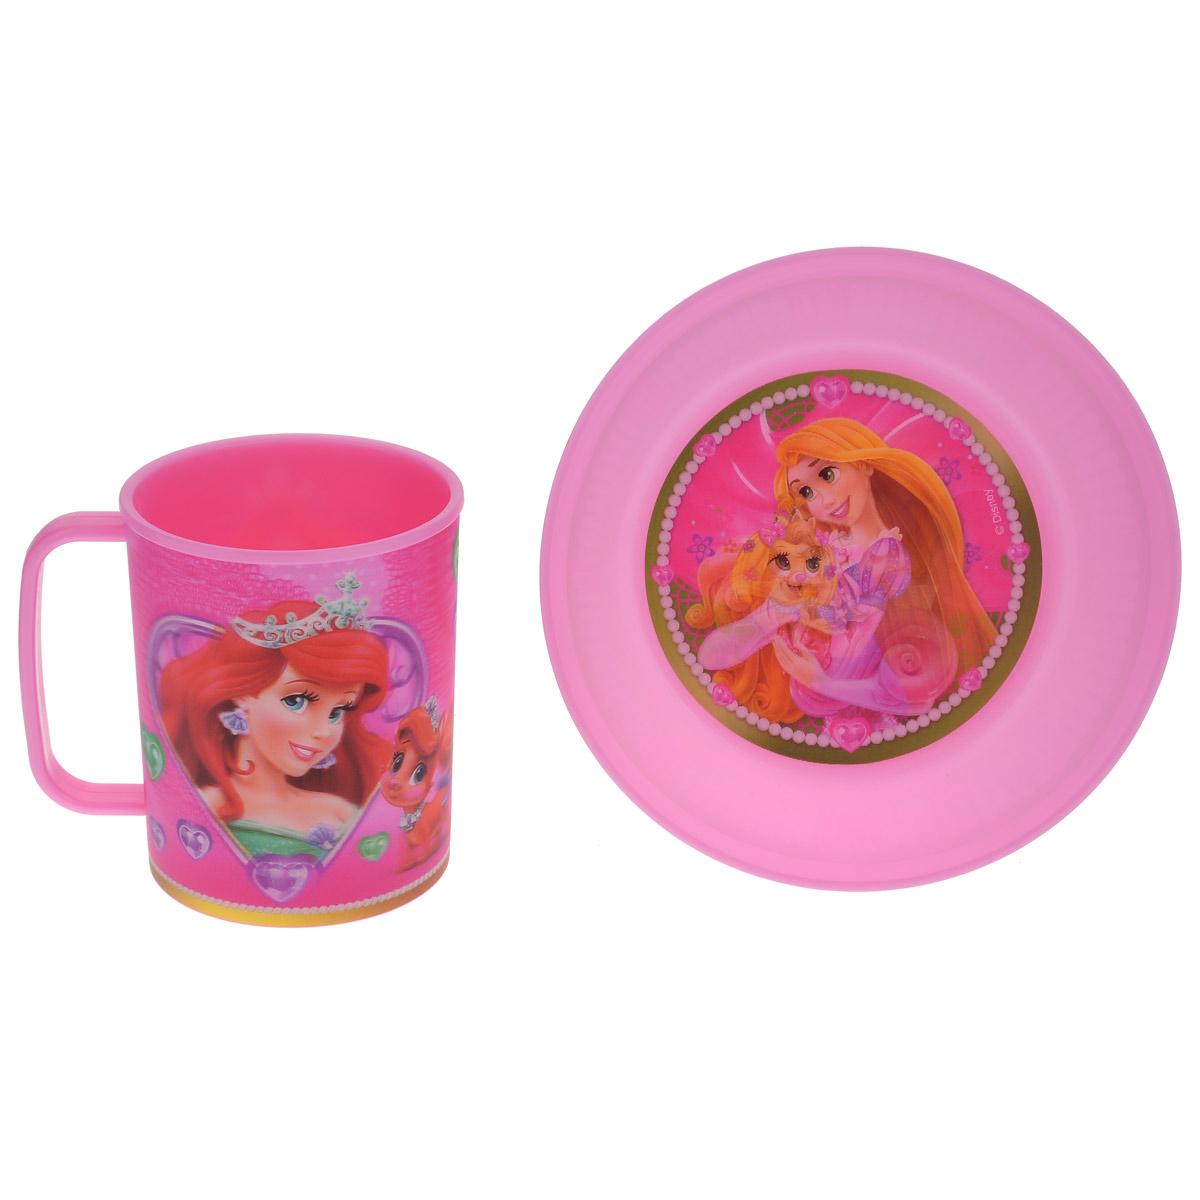 """Набор детской посуды Disney """"Принцессы. Королевские питомцы"""" состоит из кружки и тарелки. Посуда, выполненная из пищевого пластика, оформлена изображениями принцесс популярных мультфильмов. Рисунки находятся под слоем прозрачного структурного пластика (линзы), создающего эффект объемного изображения, как в 3D кино, и исключающего попадание краски в жидкость. Небьющаяся посуда, красивая, легкая и удобная в уходе, прекрасно выдерживает горячую пищу. Ваш малыш с удовольствием будет кушать вместе с любимыми героями. Объем кружки: 325 мл. Диаметр тарелки: 15 см. Высота тарелки: 5 см."""